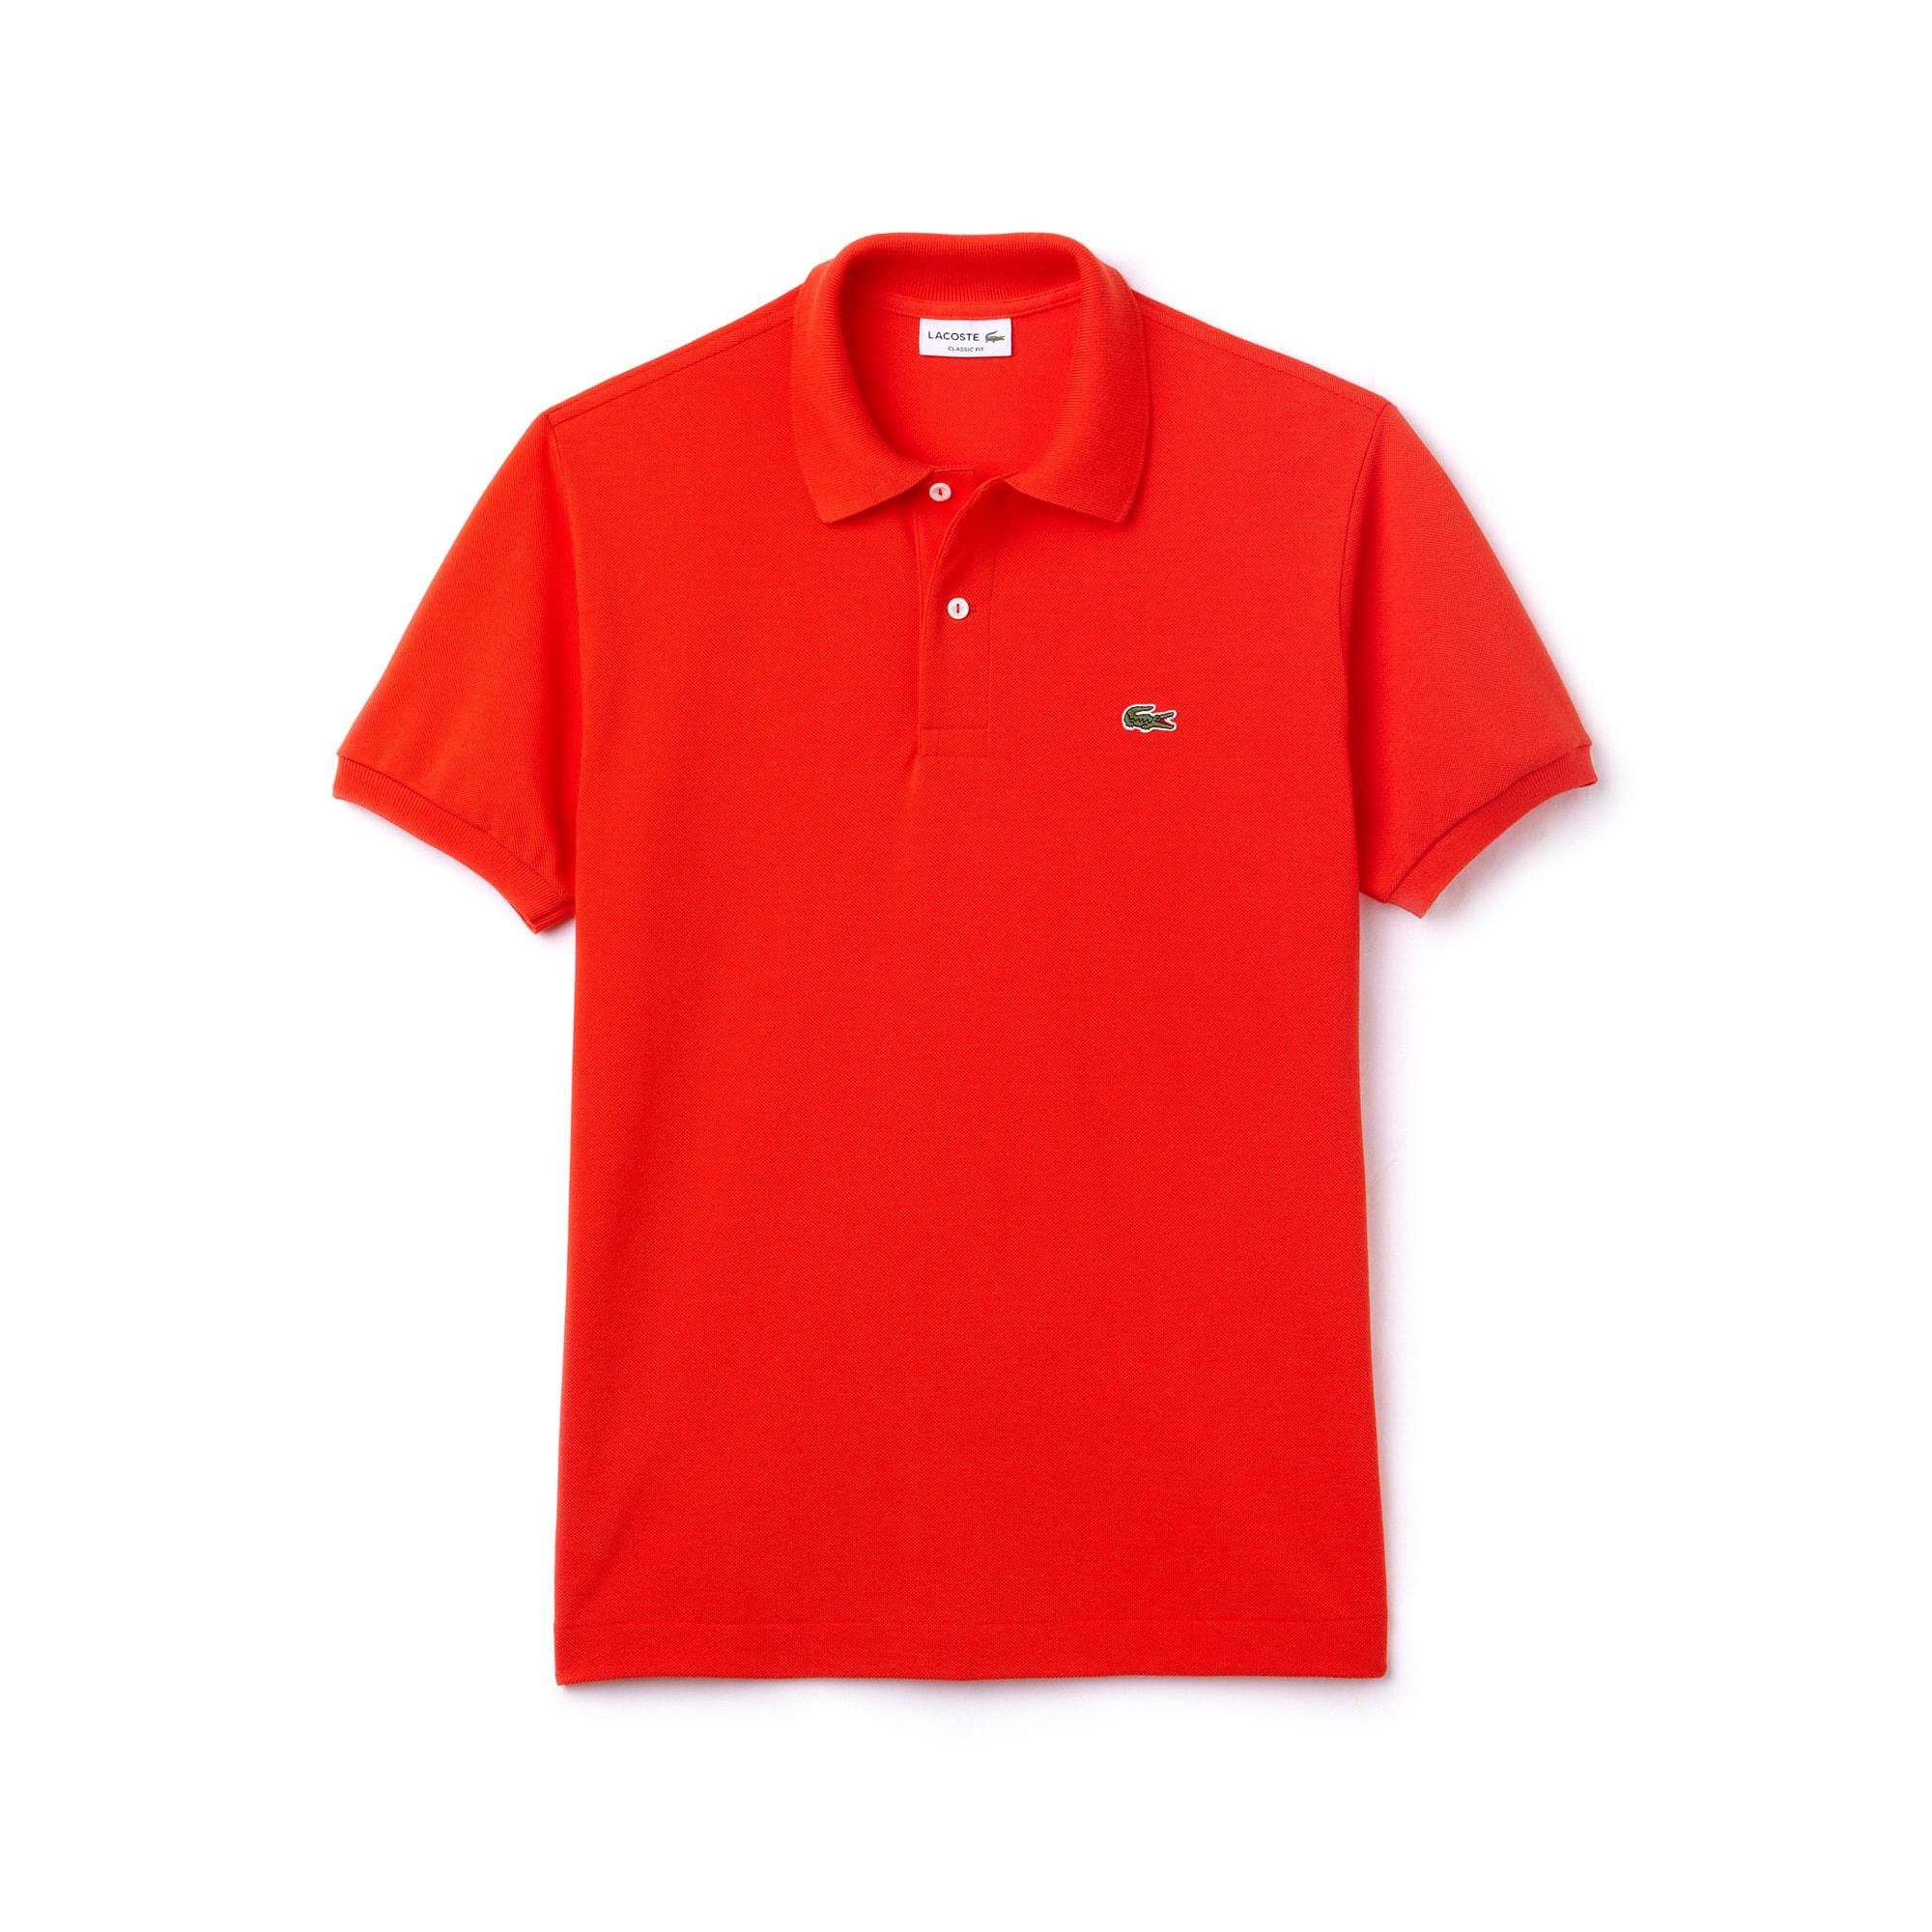 0ff47ed0a69eb Camisas polo para homens, manga longa e manga curta   LACOSTE